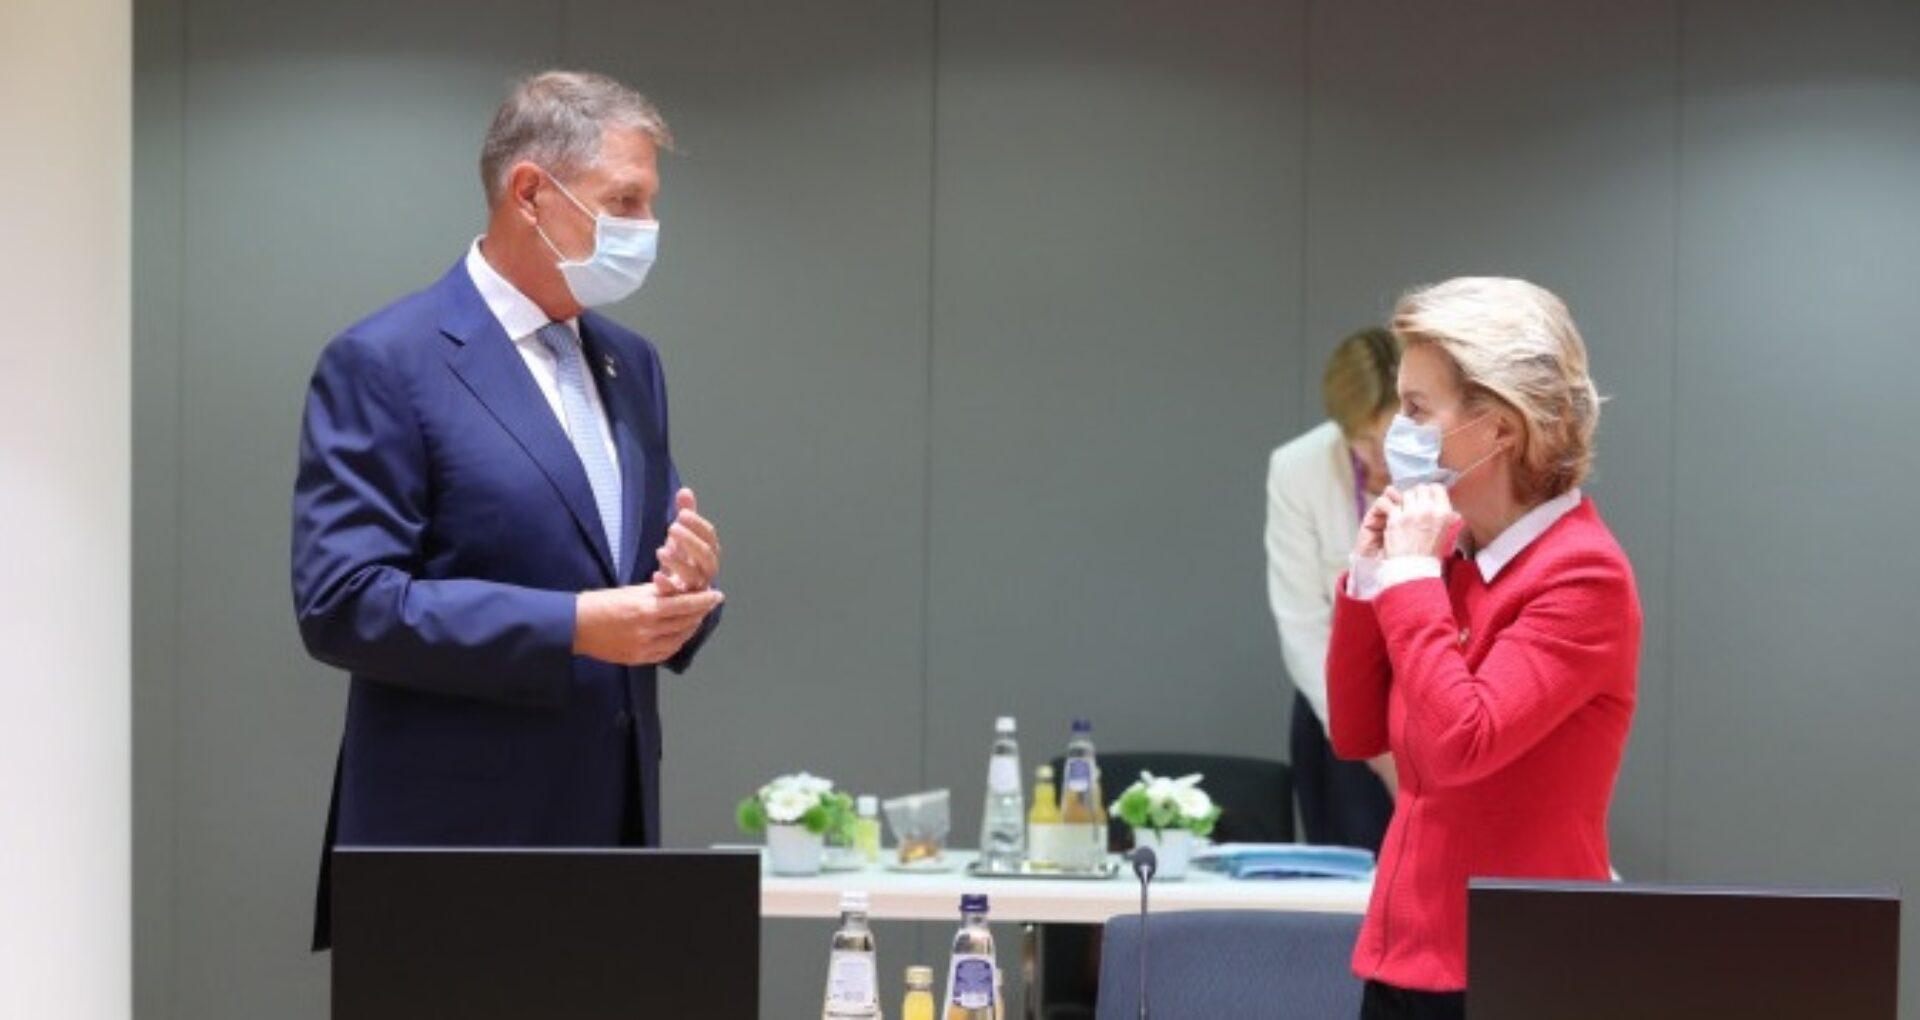 """Președintele României, după întâlnirea cu președinta Comisiei Europen aflată în autoizolare: """"Gândiți-vă cum ar fi fost dacă amândoi nu aveam mască"""""""